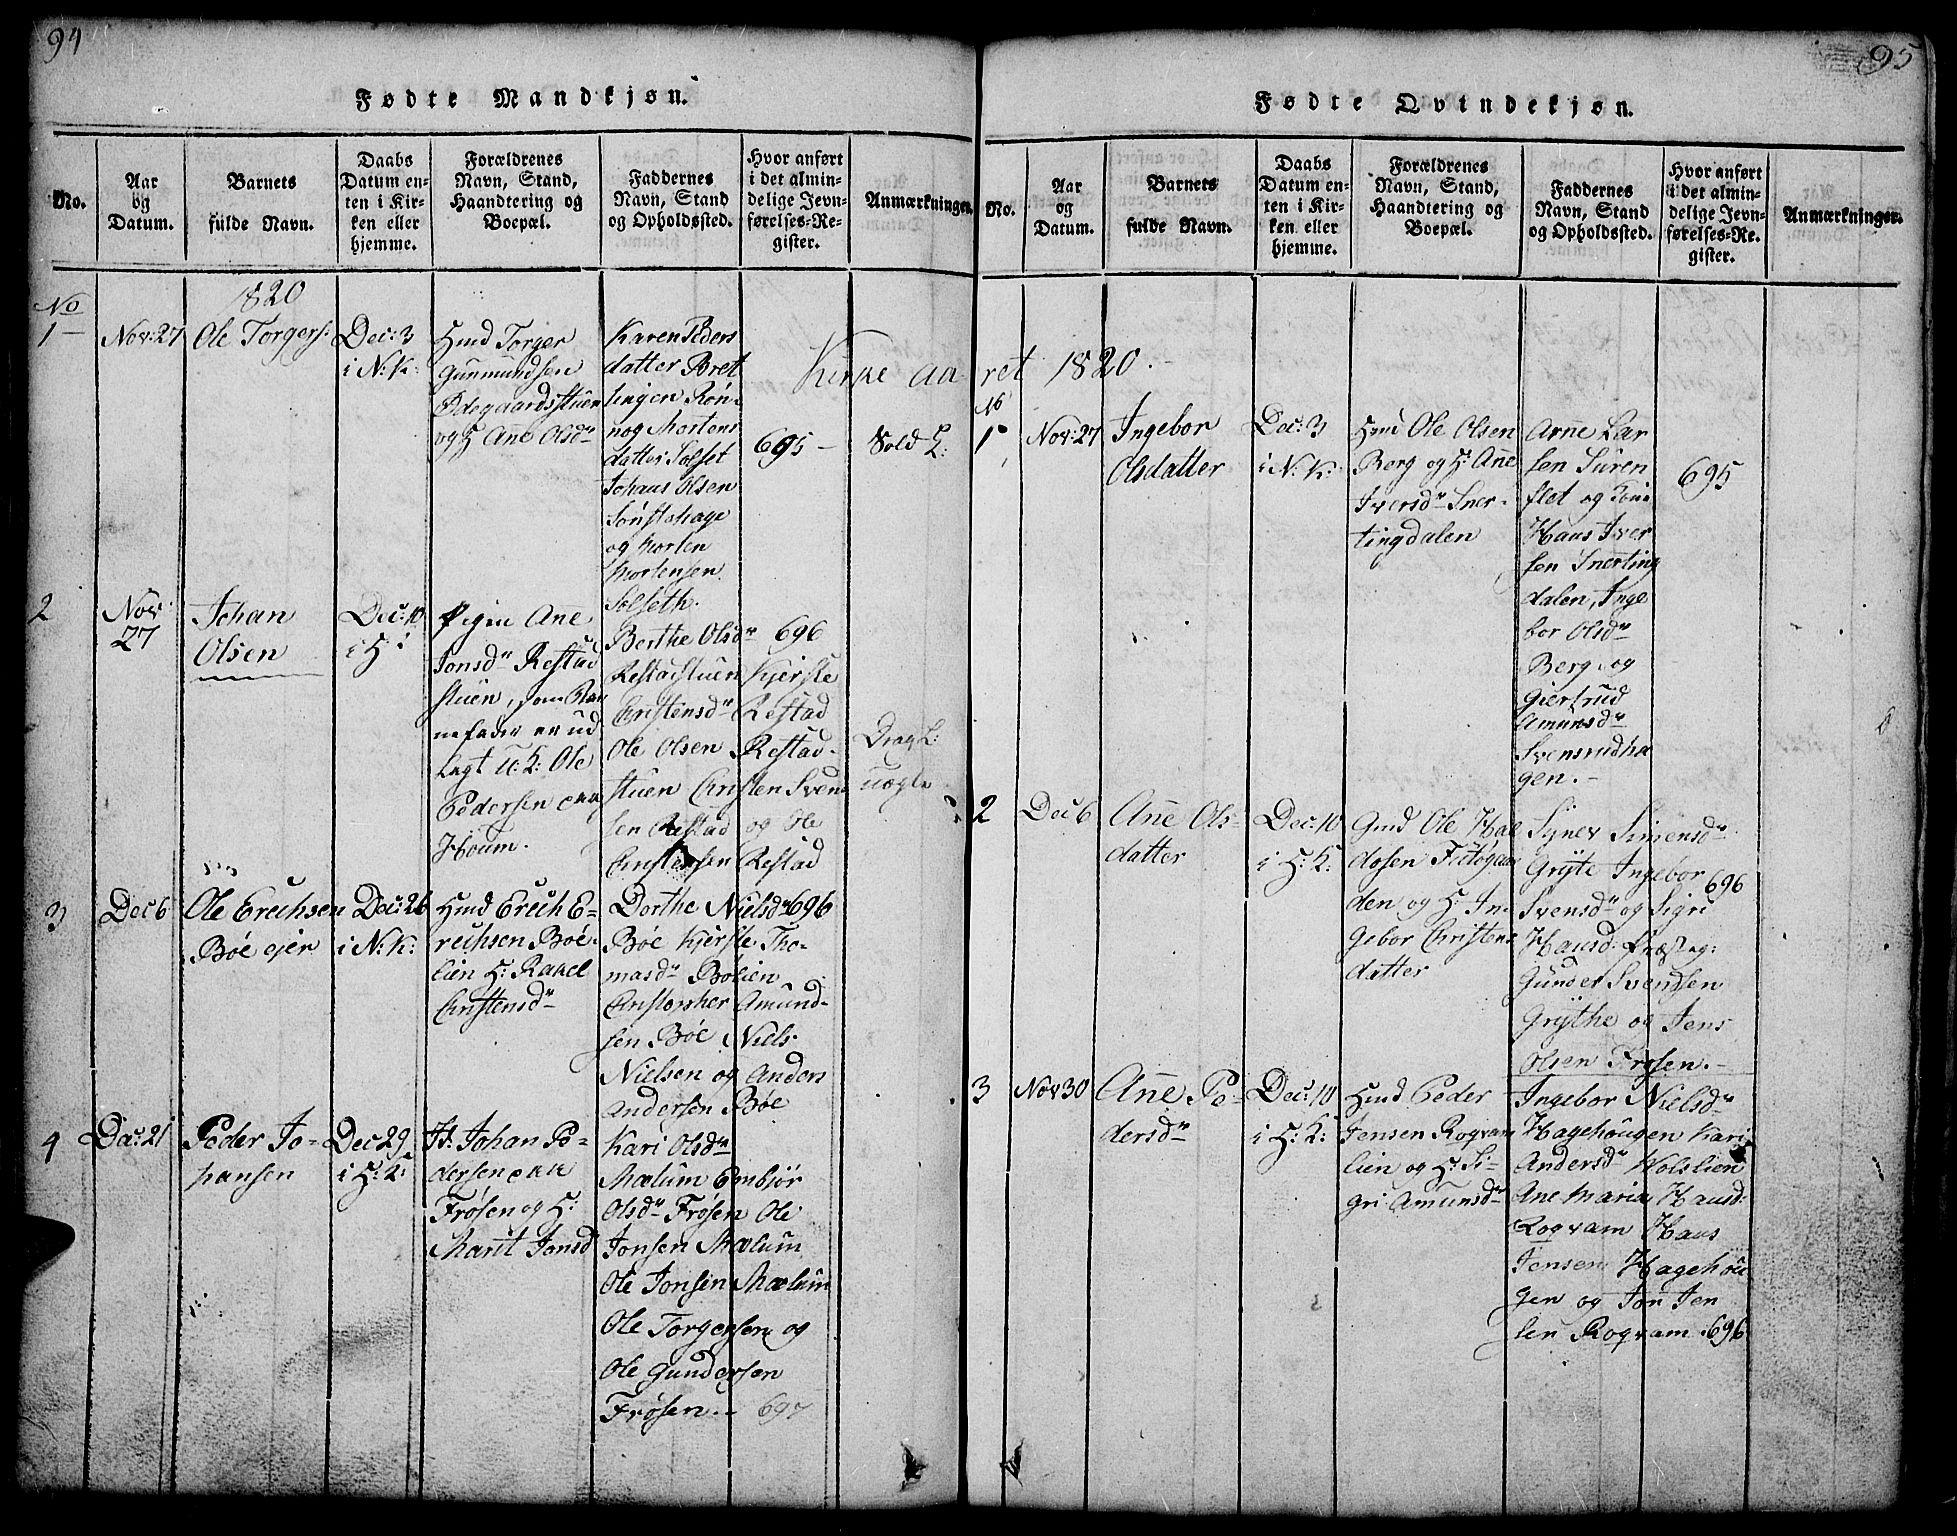 SAH, Gausdal prestekontor, Klokkerbok nr. 1, 1817-1848, s. 94-95